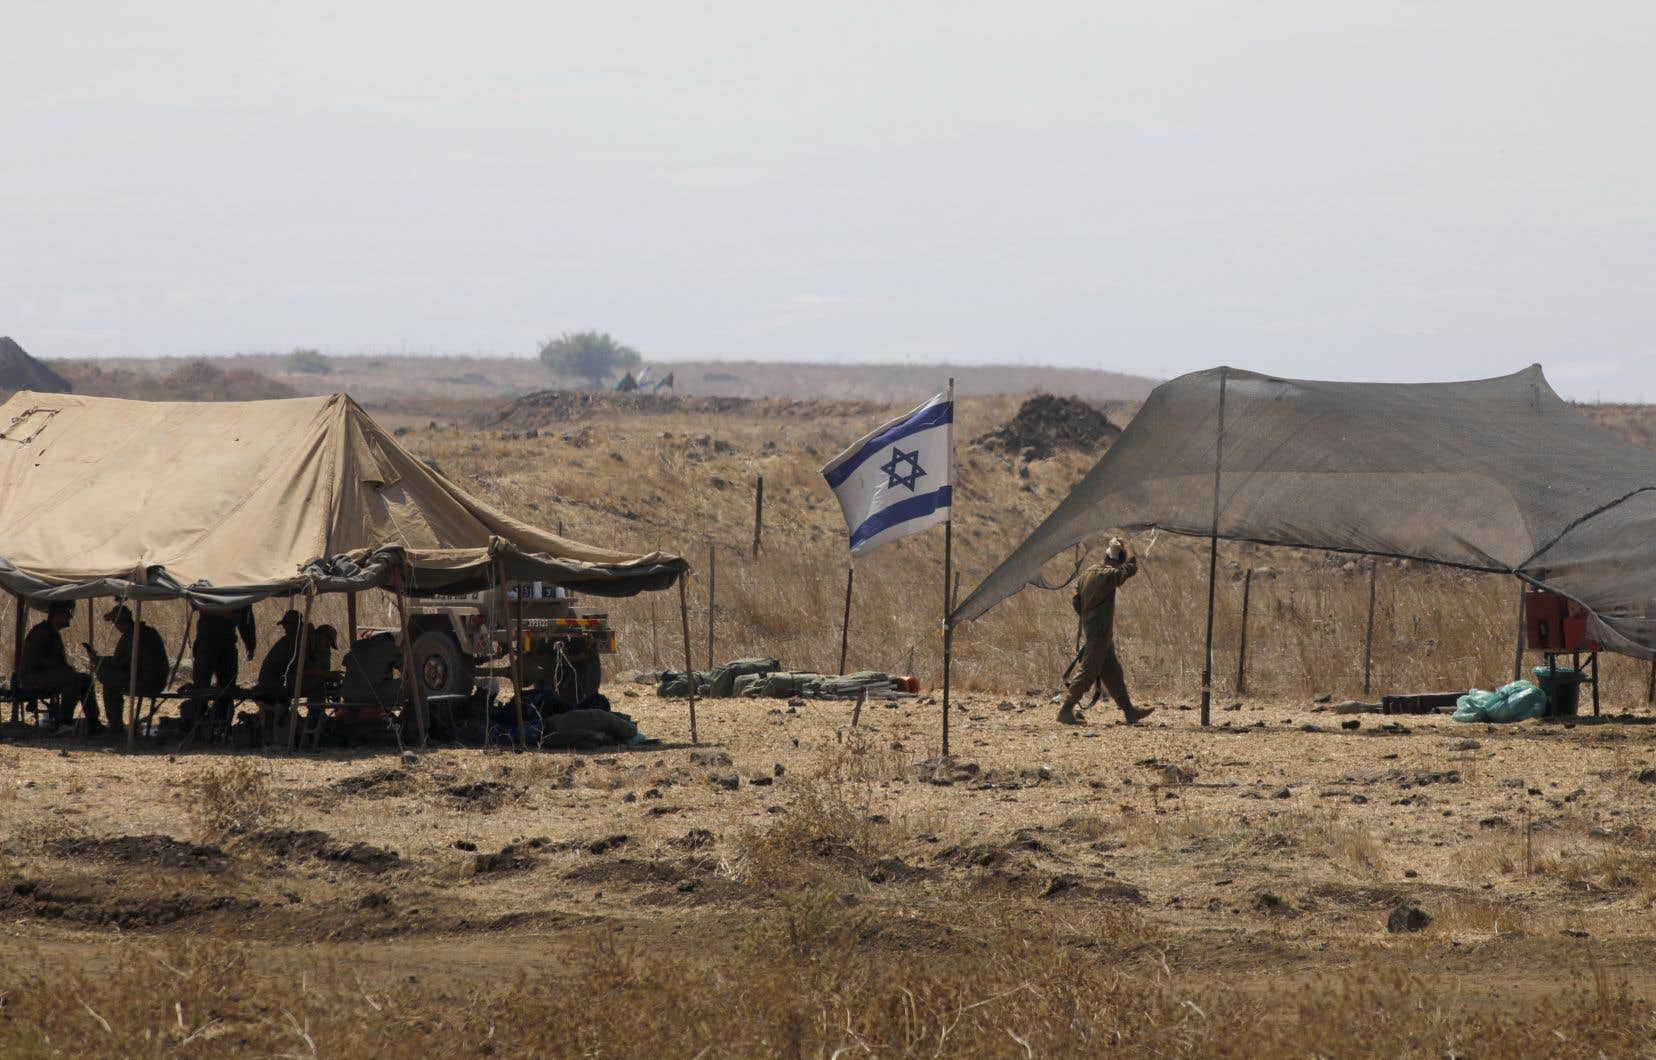 La lettre allègue également que l'armée israélienne aurait, «pendant des années, mené des programmes dans des écoles et des organisations communautaires canadiennes qui visent à inciter des personnes au Canada à s'enrôler» dans les Forces de défense israéliennes.